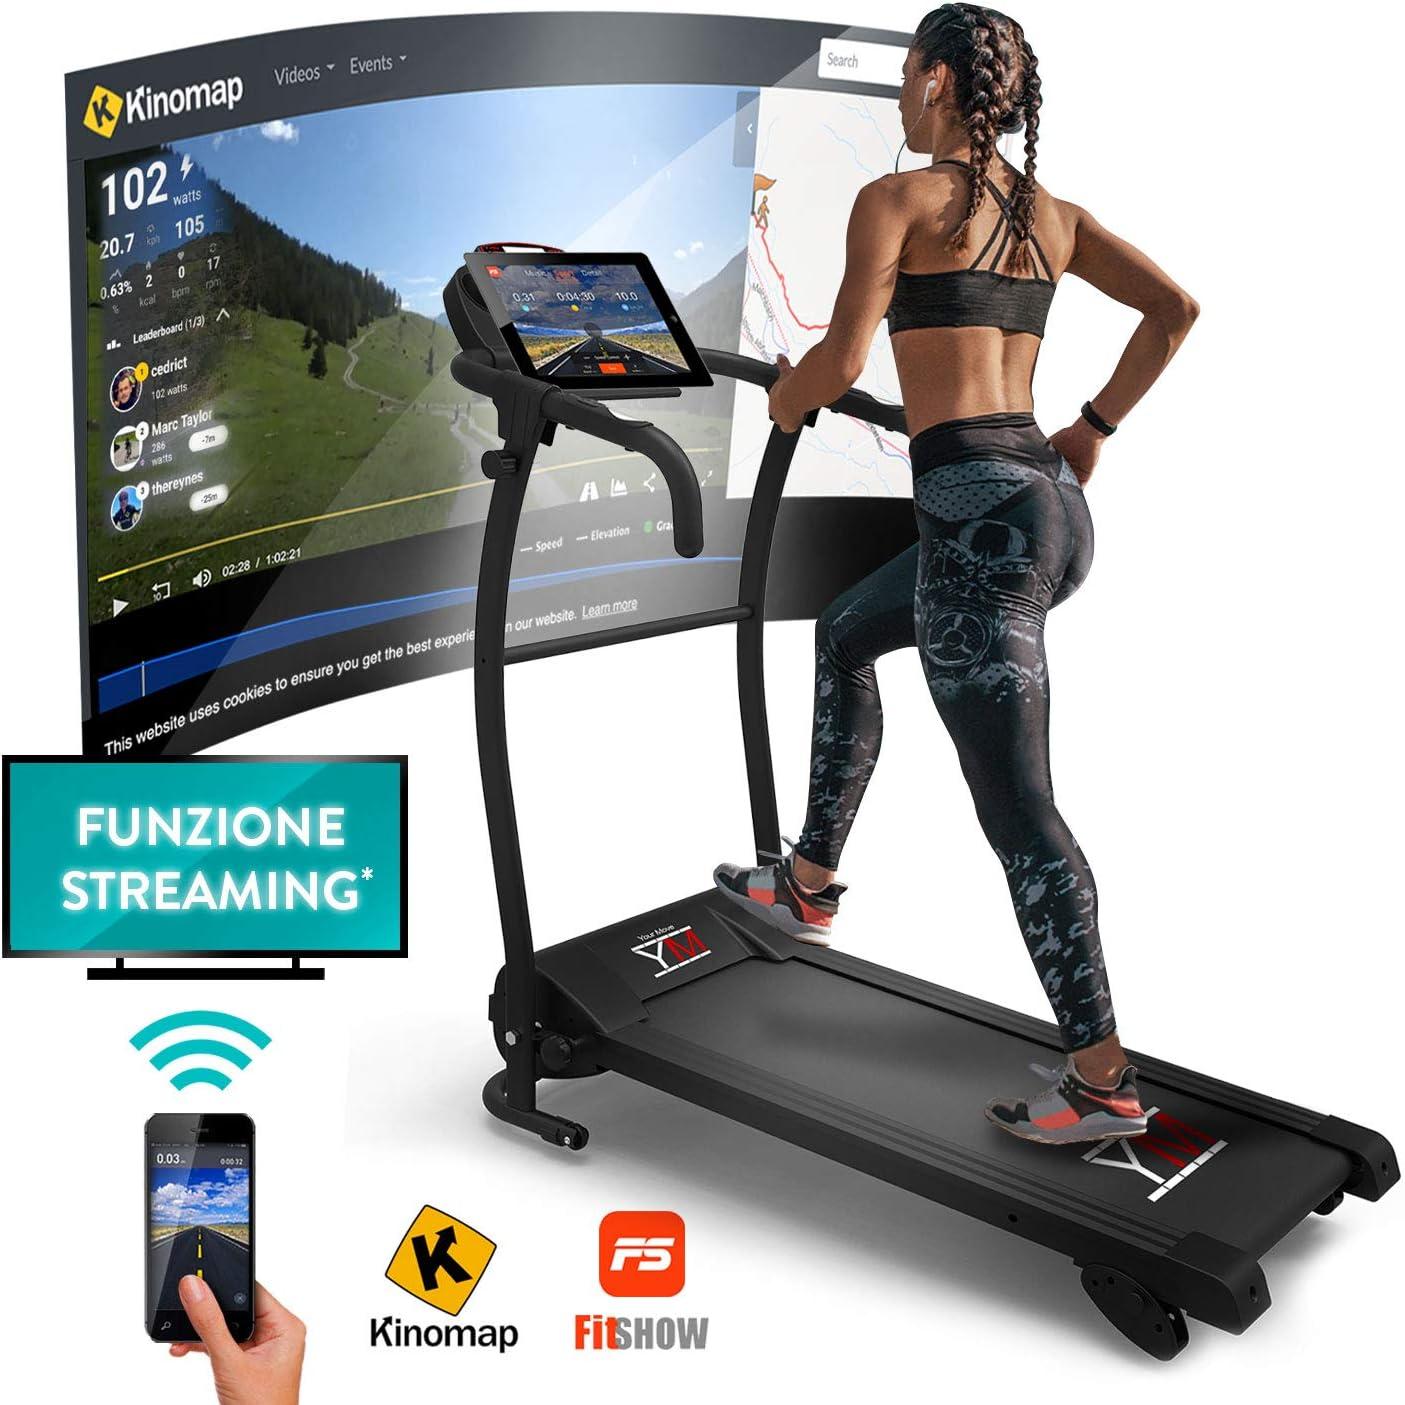 YM Fitness Cinta de Correr Plegable de Alta-Velocidad Kick Silenciosa | 10 Km/h + 3 Inclinación | Consola Digital | App Kinomap + Fistshow + Bluetooth + Sensores de Frecuencia Cardíaca